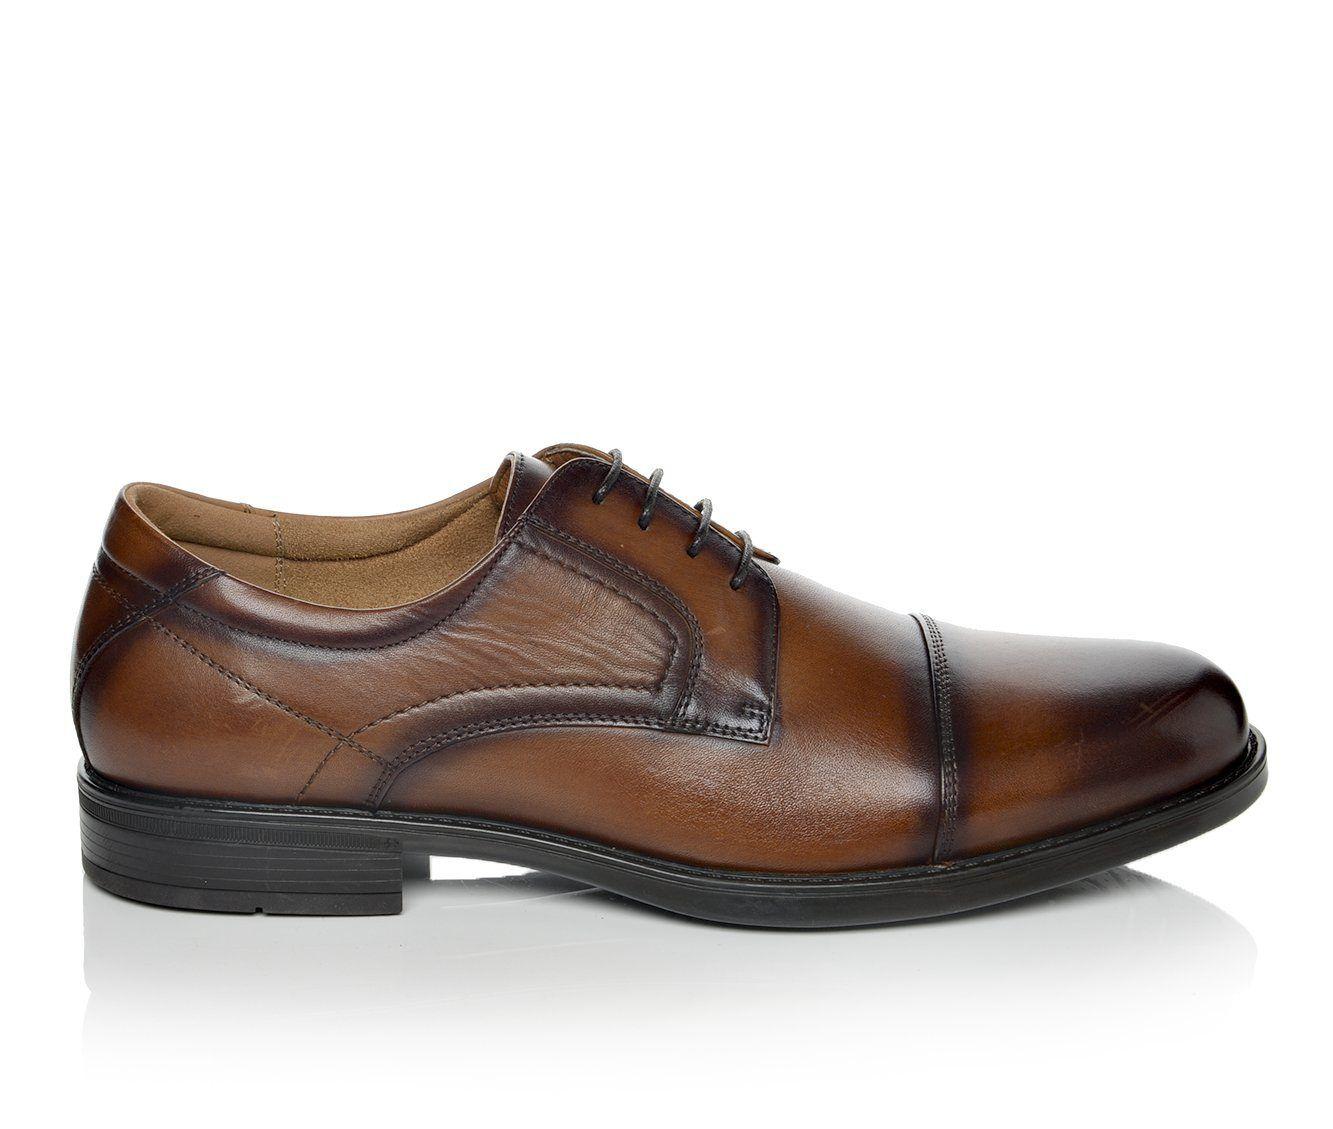 Men's Florsheim Midtown Cap Toe Oxford Dress Shoes Cognac